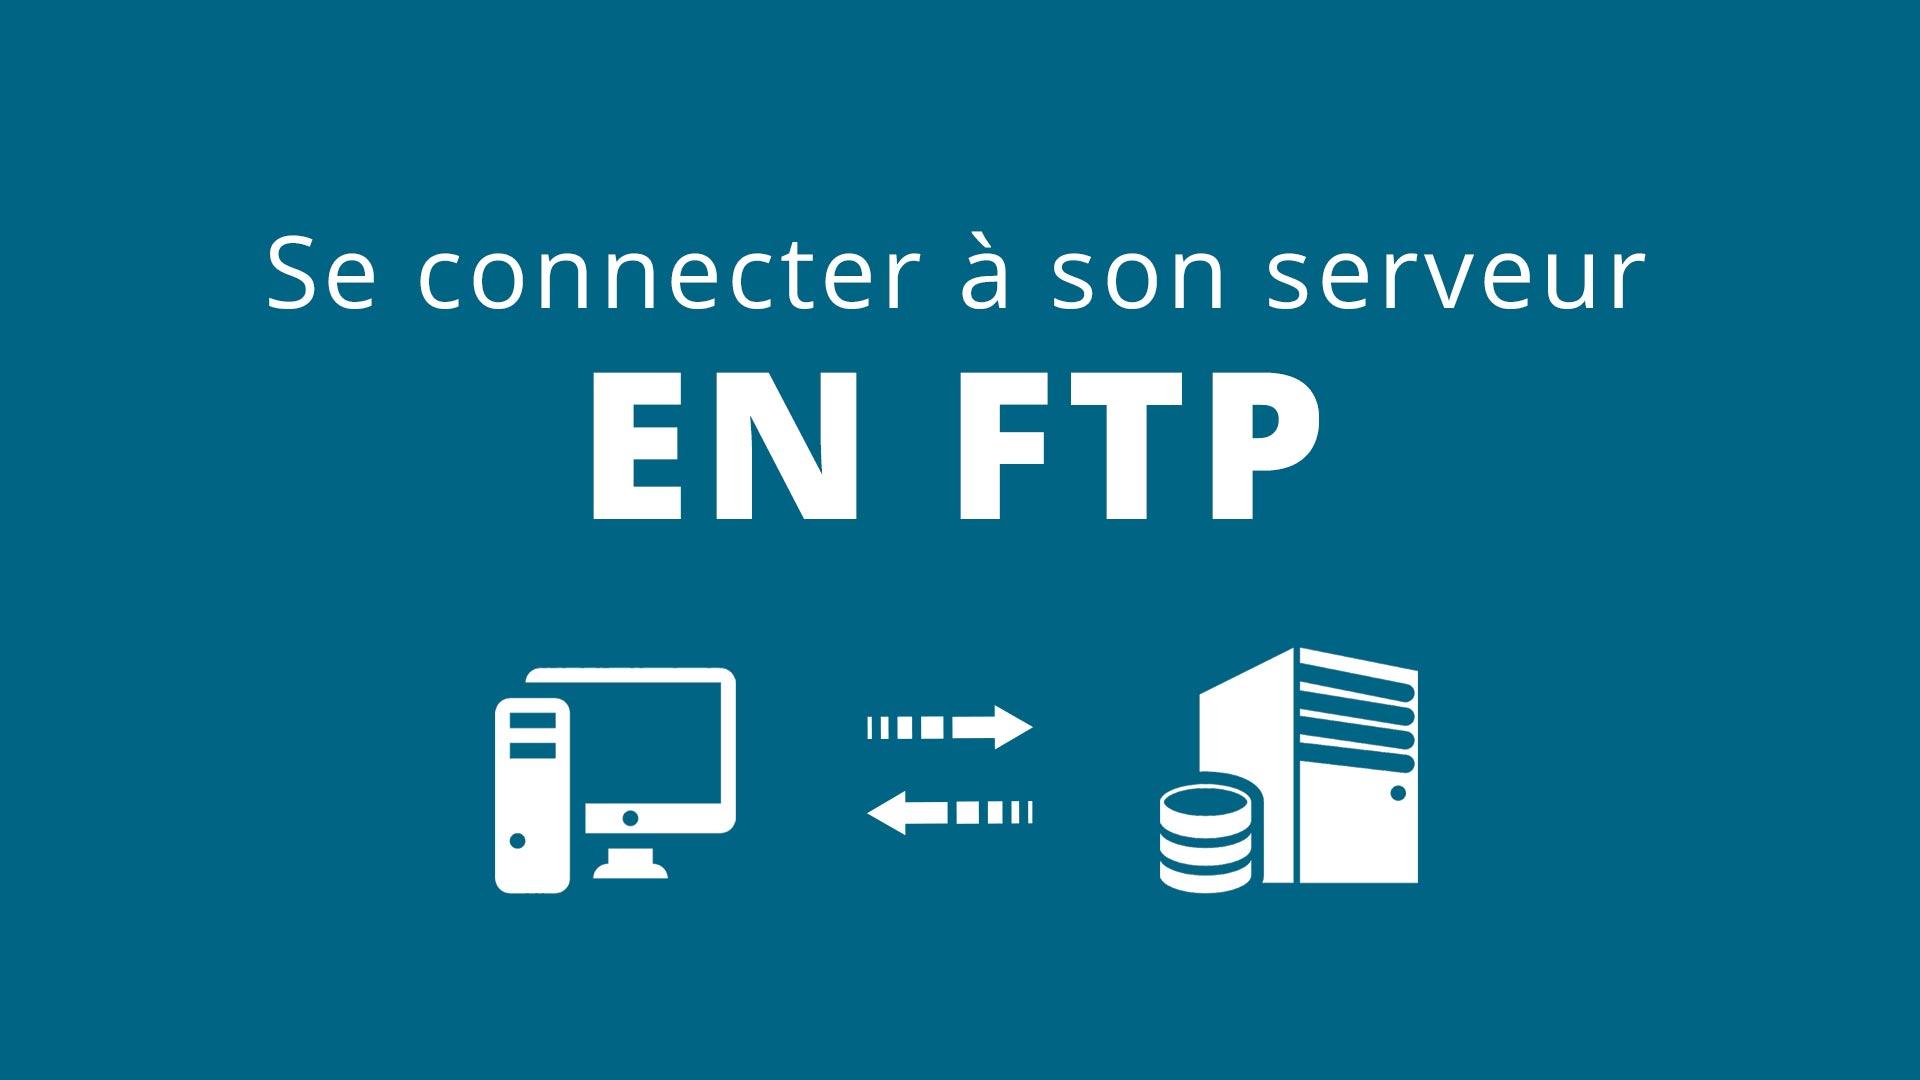 Se connecter en FTP